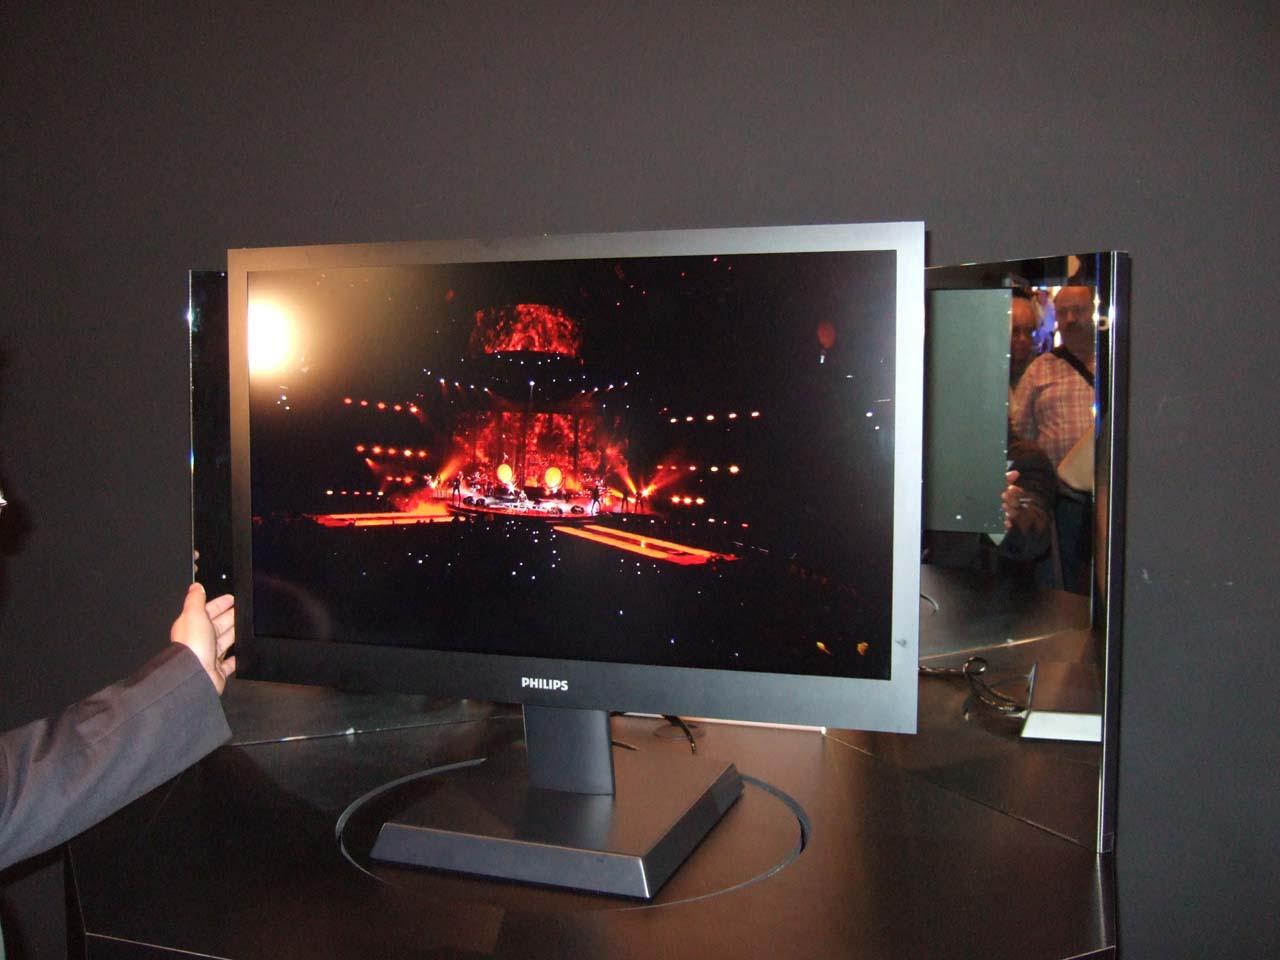 Philips zeigt 8 mm dünnen LCD-Fernseher - Philips' 8-mm-Fernseher-Prototyp von der IFA 2008